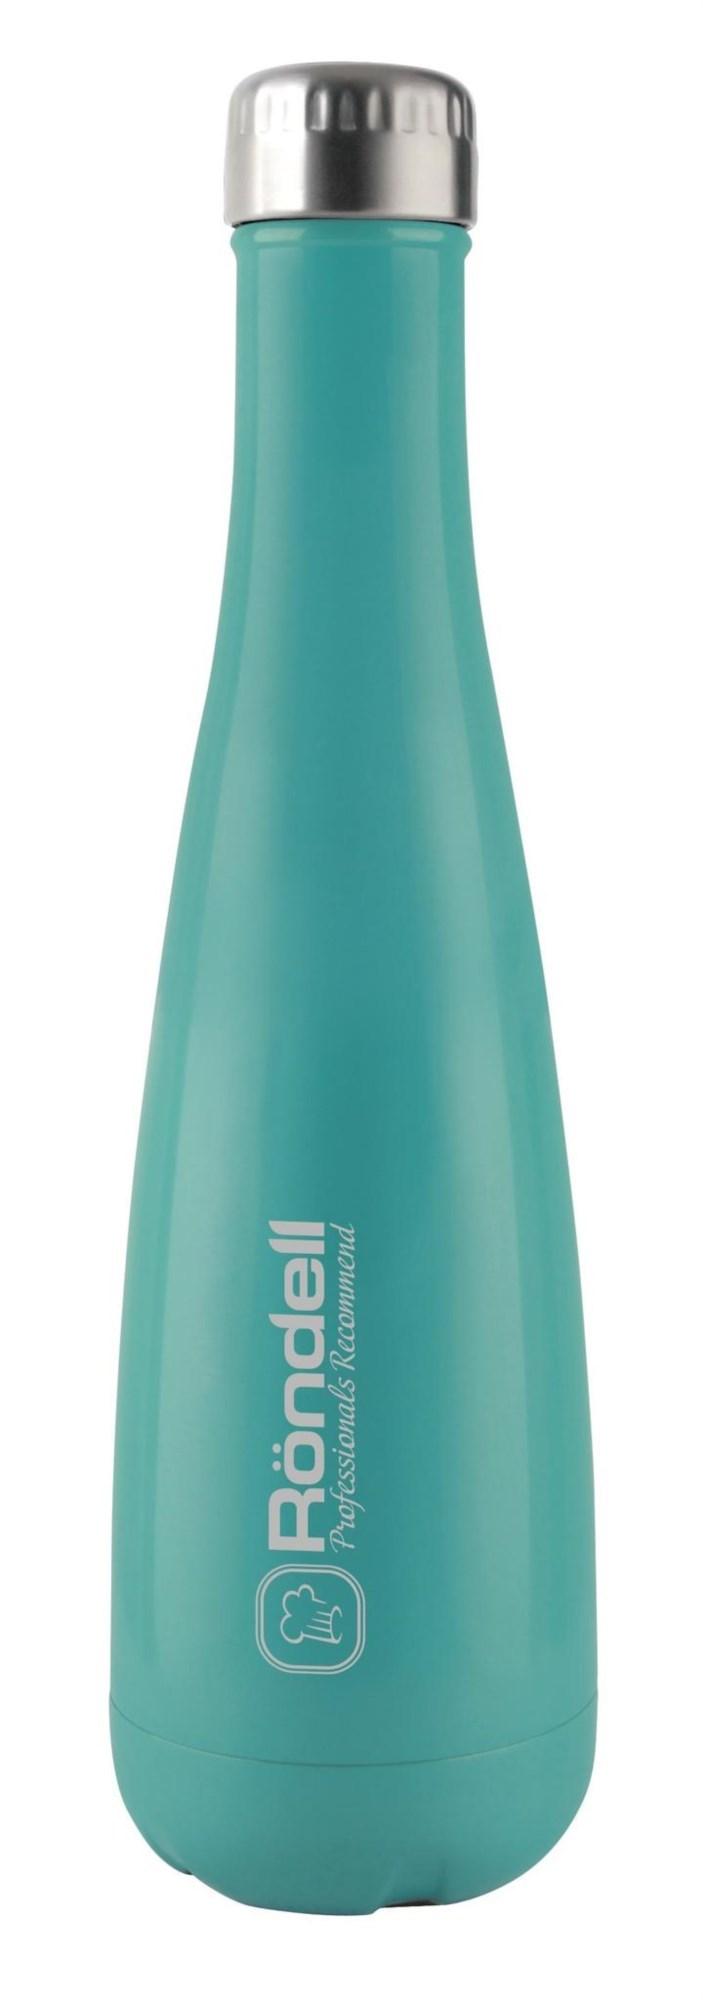 Термос Rondel Turquoise (750 мл)